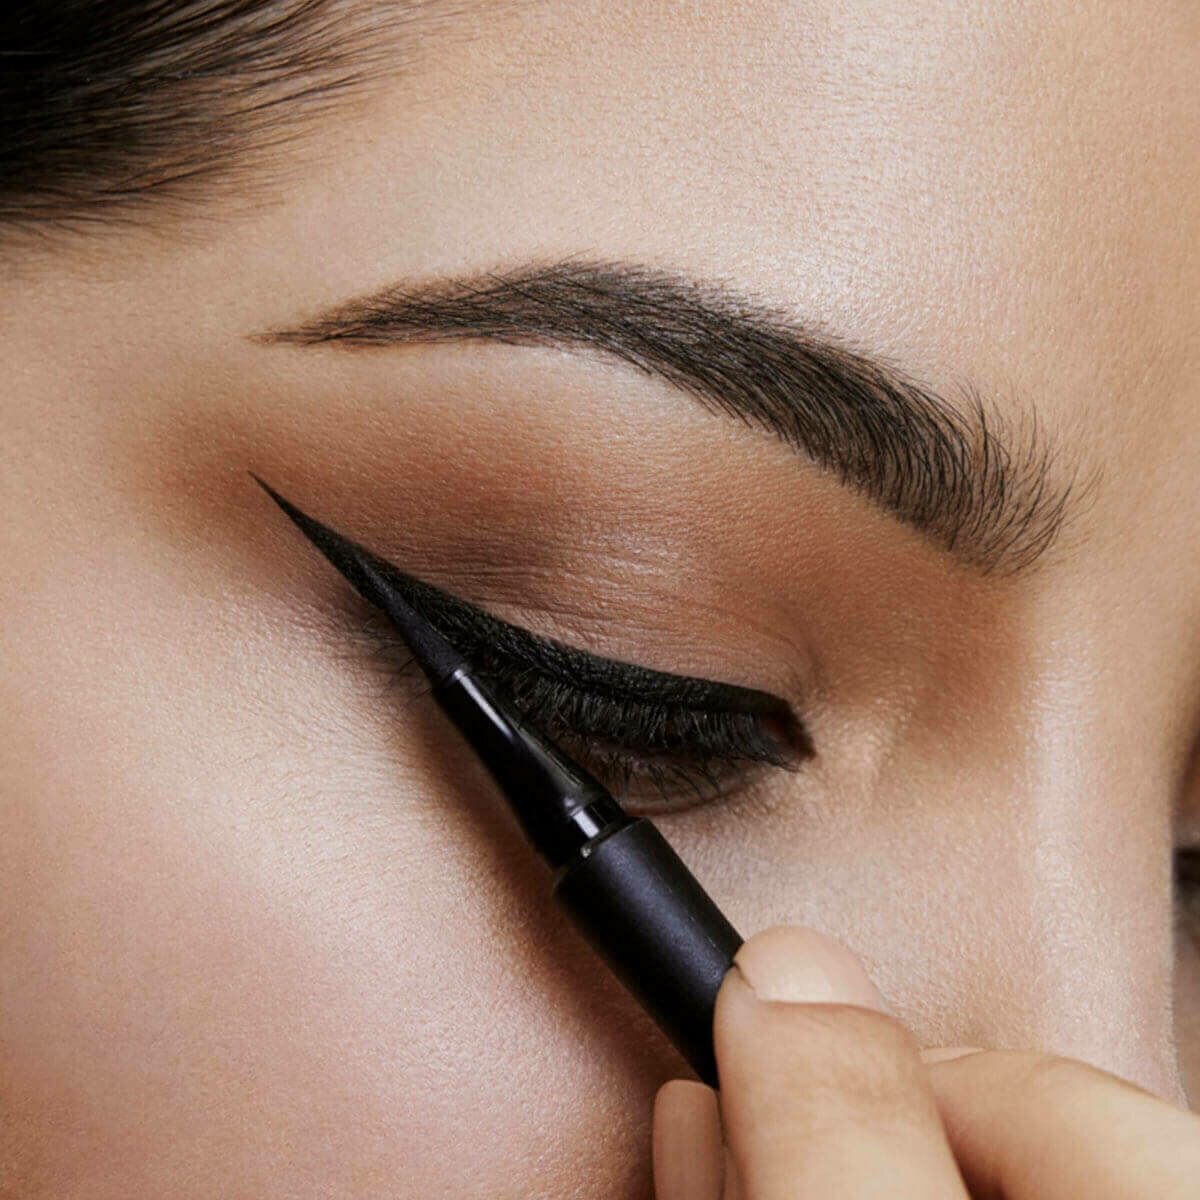 eyeliner  nasıl sürülmeli, eyeliner sürme tekniği